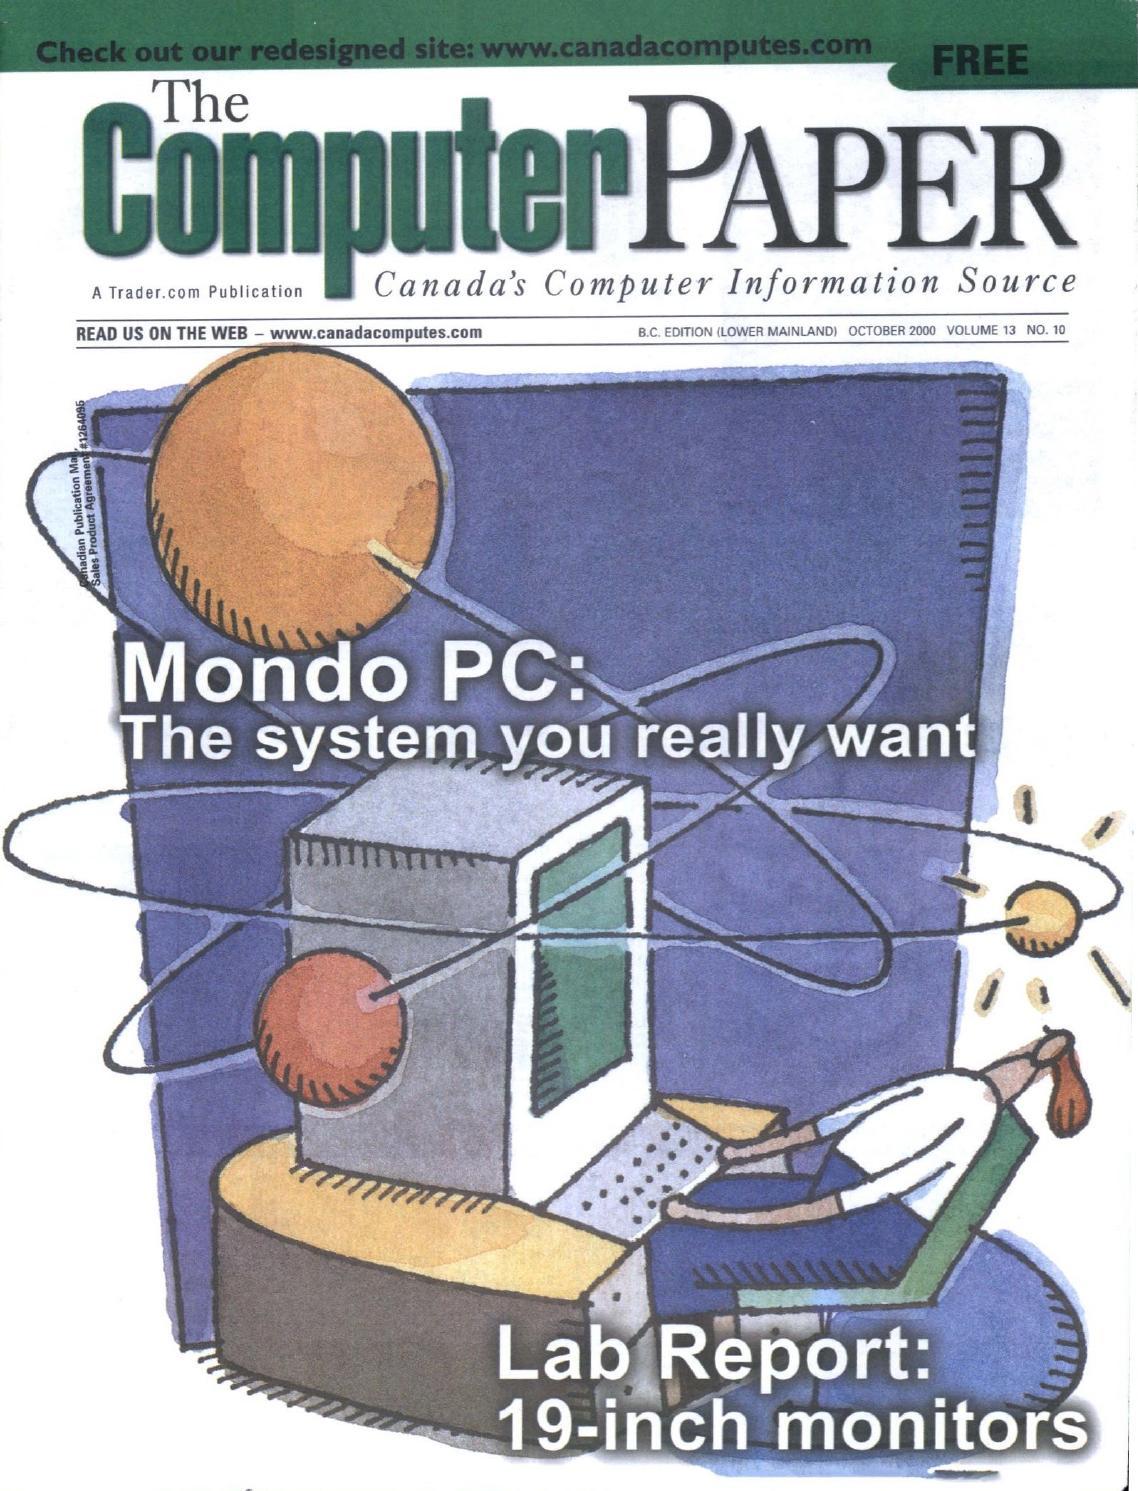 Is Ibm ThinkPad T22 Wi-Fi 256mb 900mhz 20gb good?